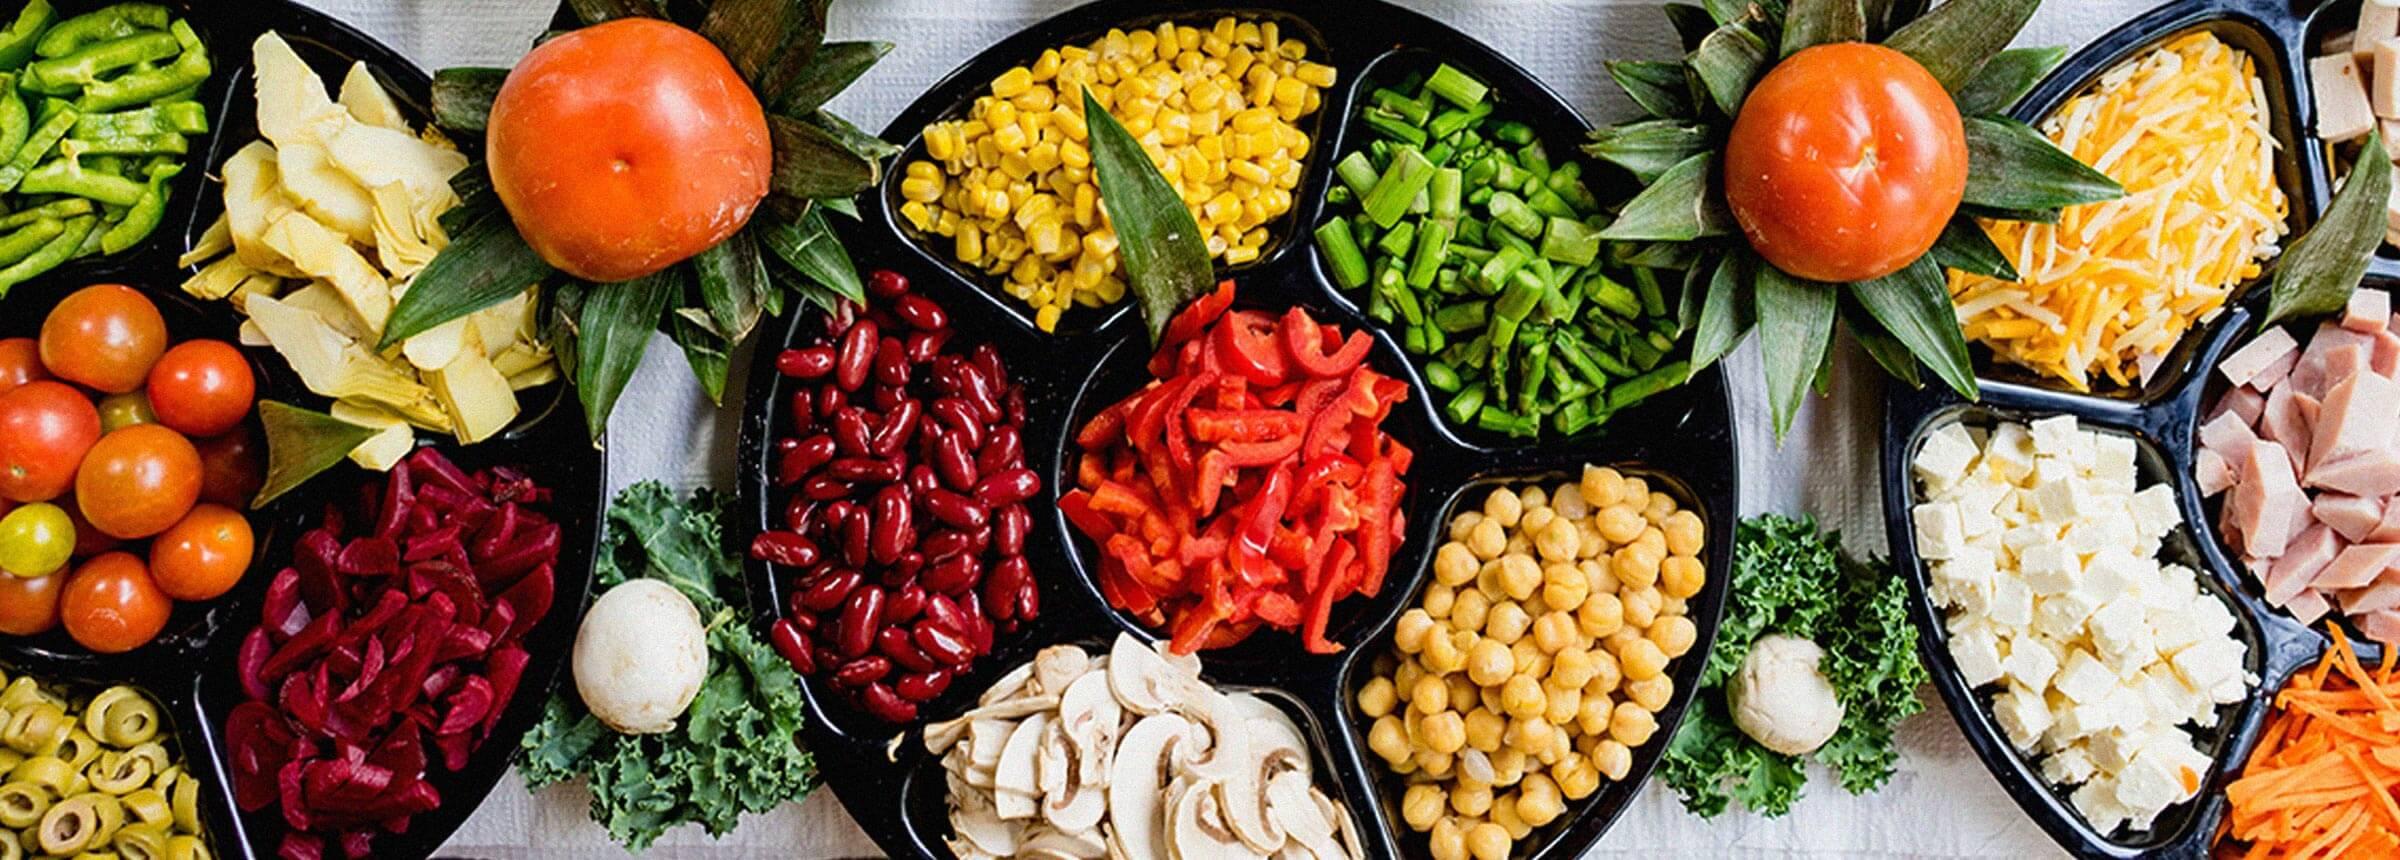 frutas-verduras-hortalizas-hambre-cero-azti